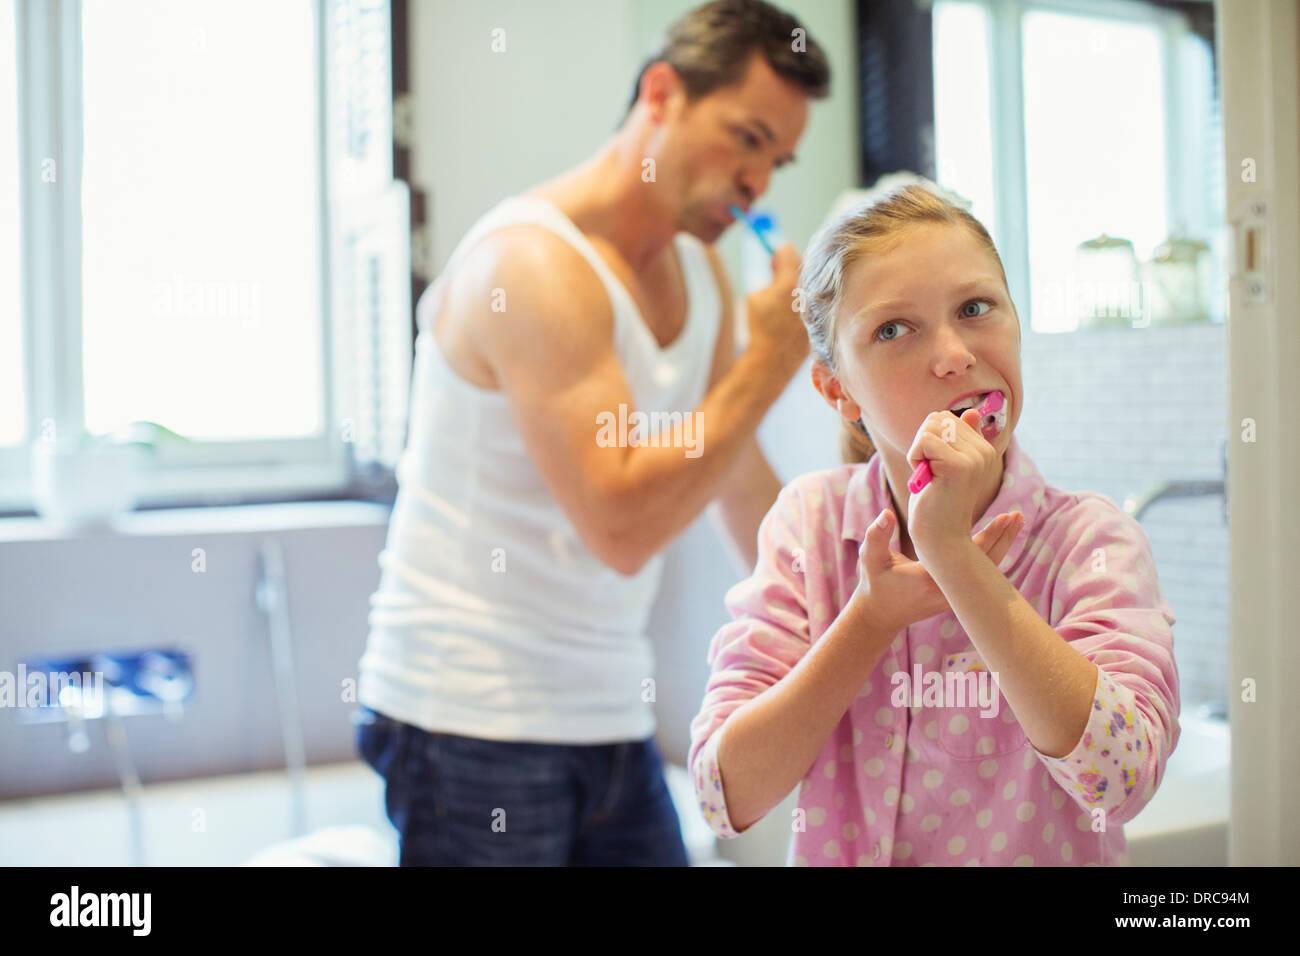 Padre e hija cepillarse los dientes en el baño. Imagen De Stock